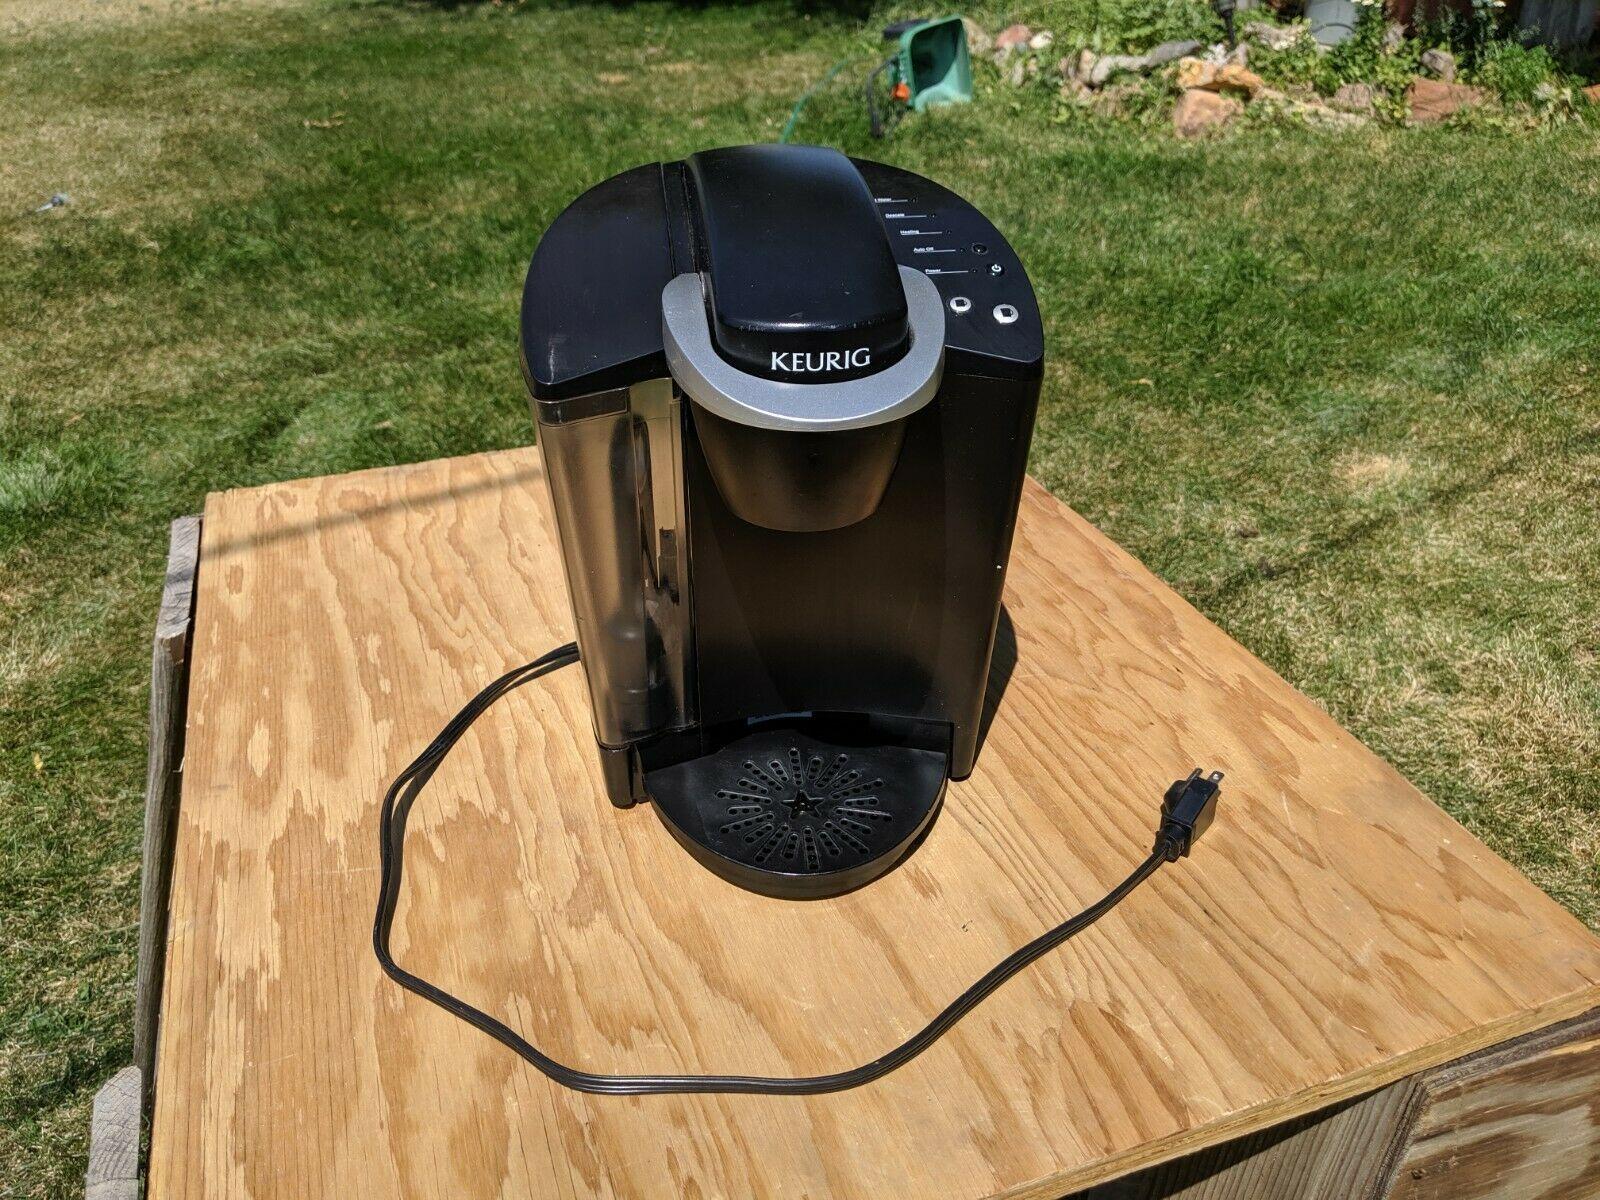 Keurig Single Brew Coffee Maker Brewer Breakfast Model K40